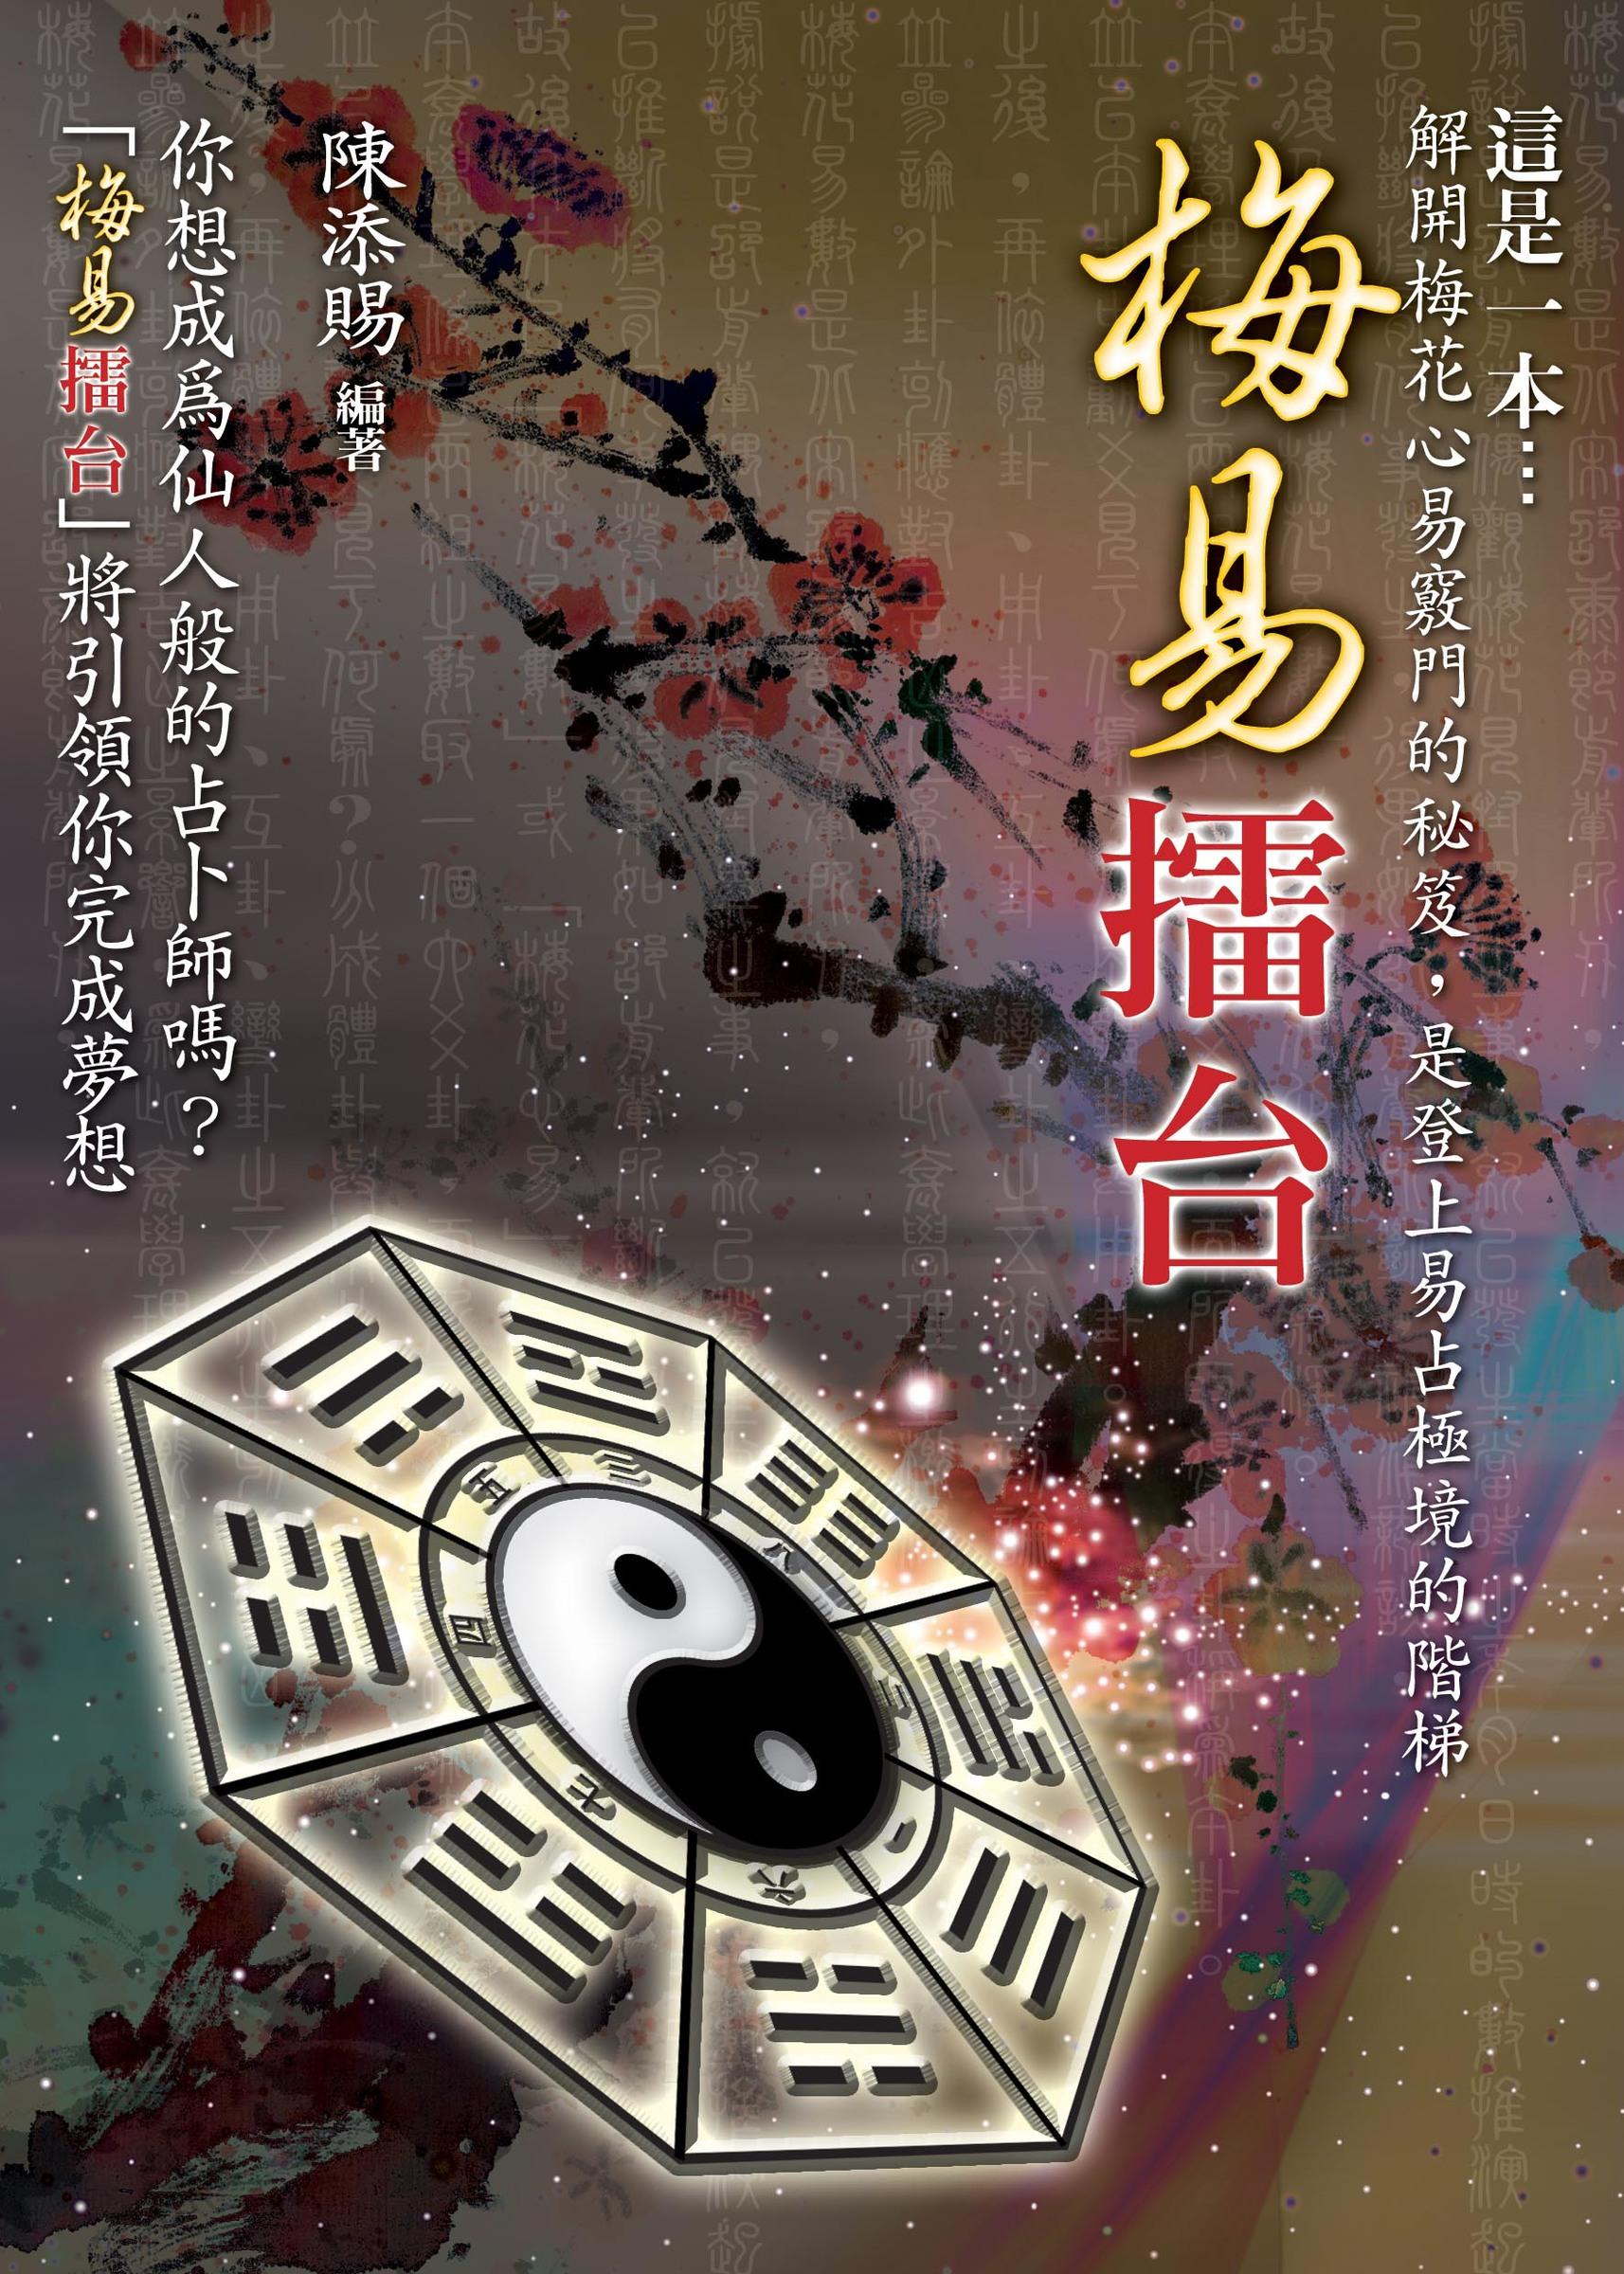 梅易擂台-封面-正面.jpg